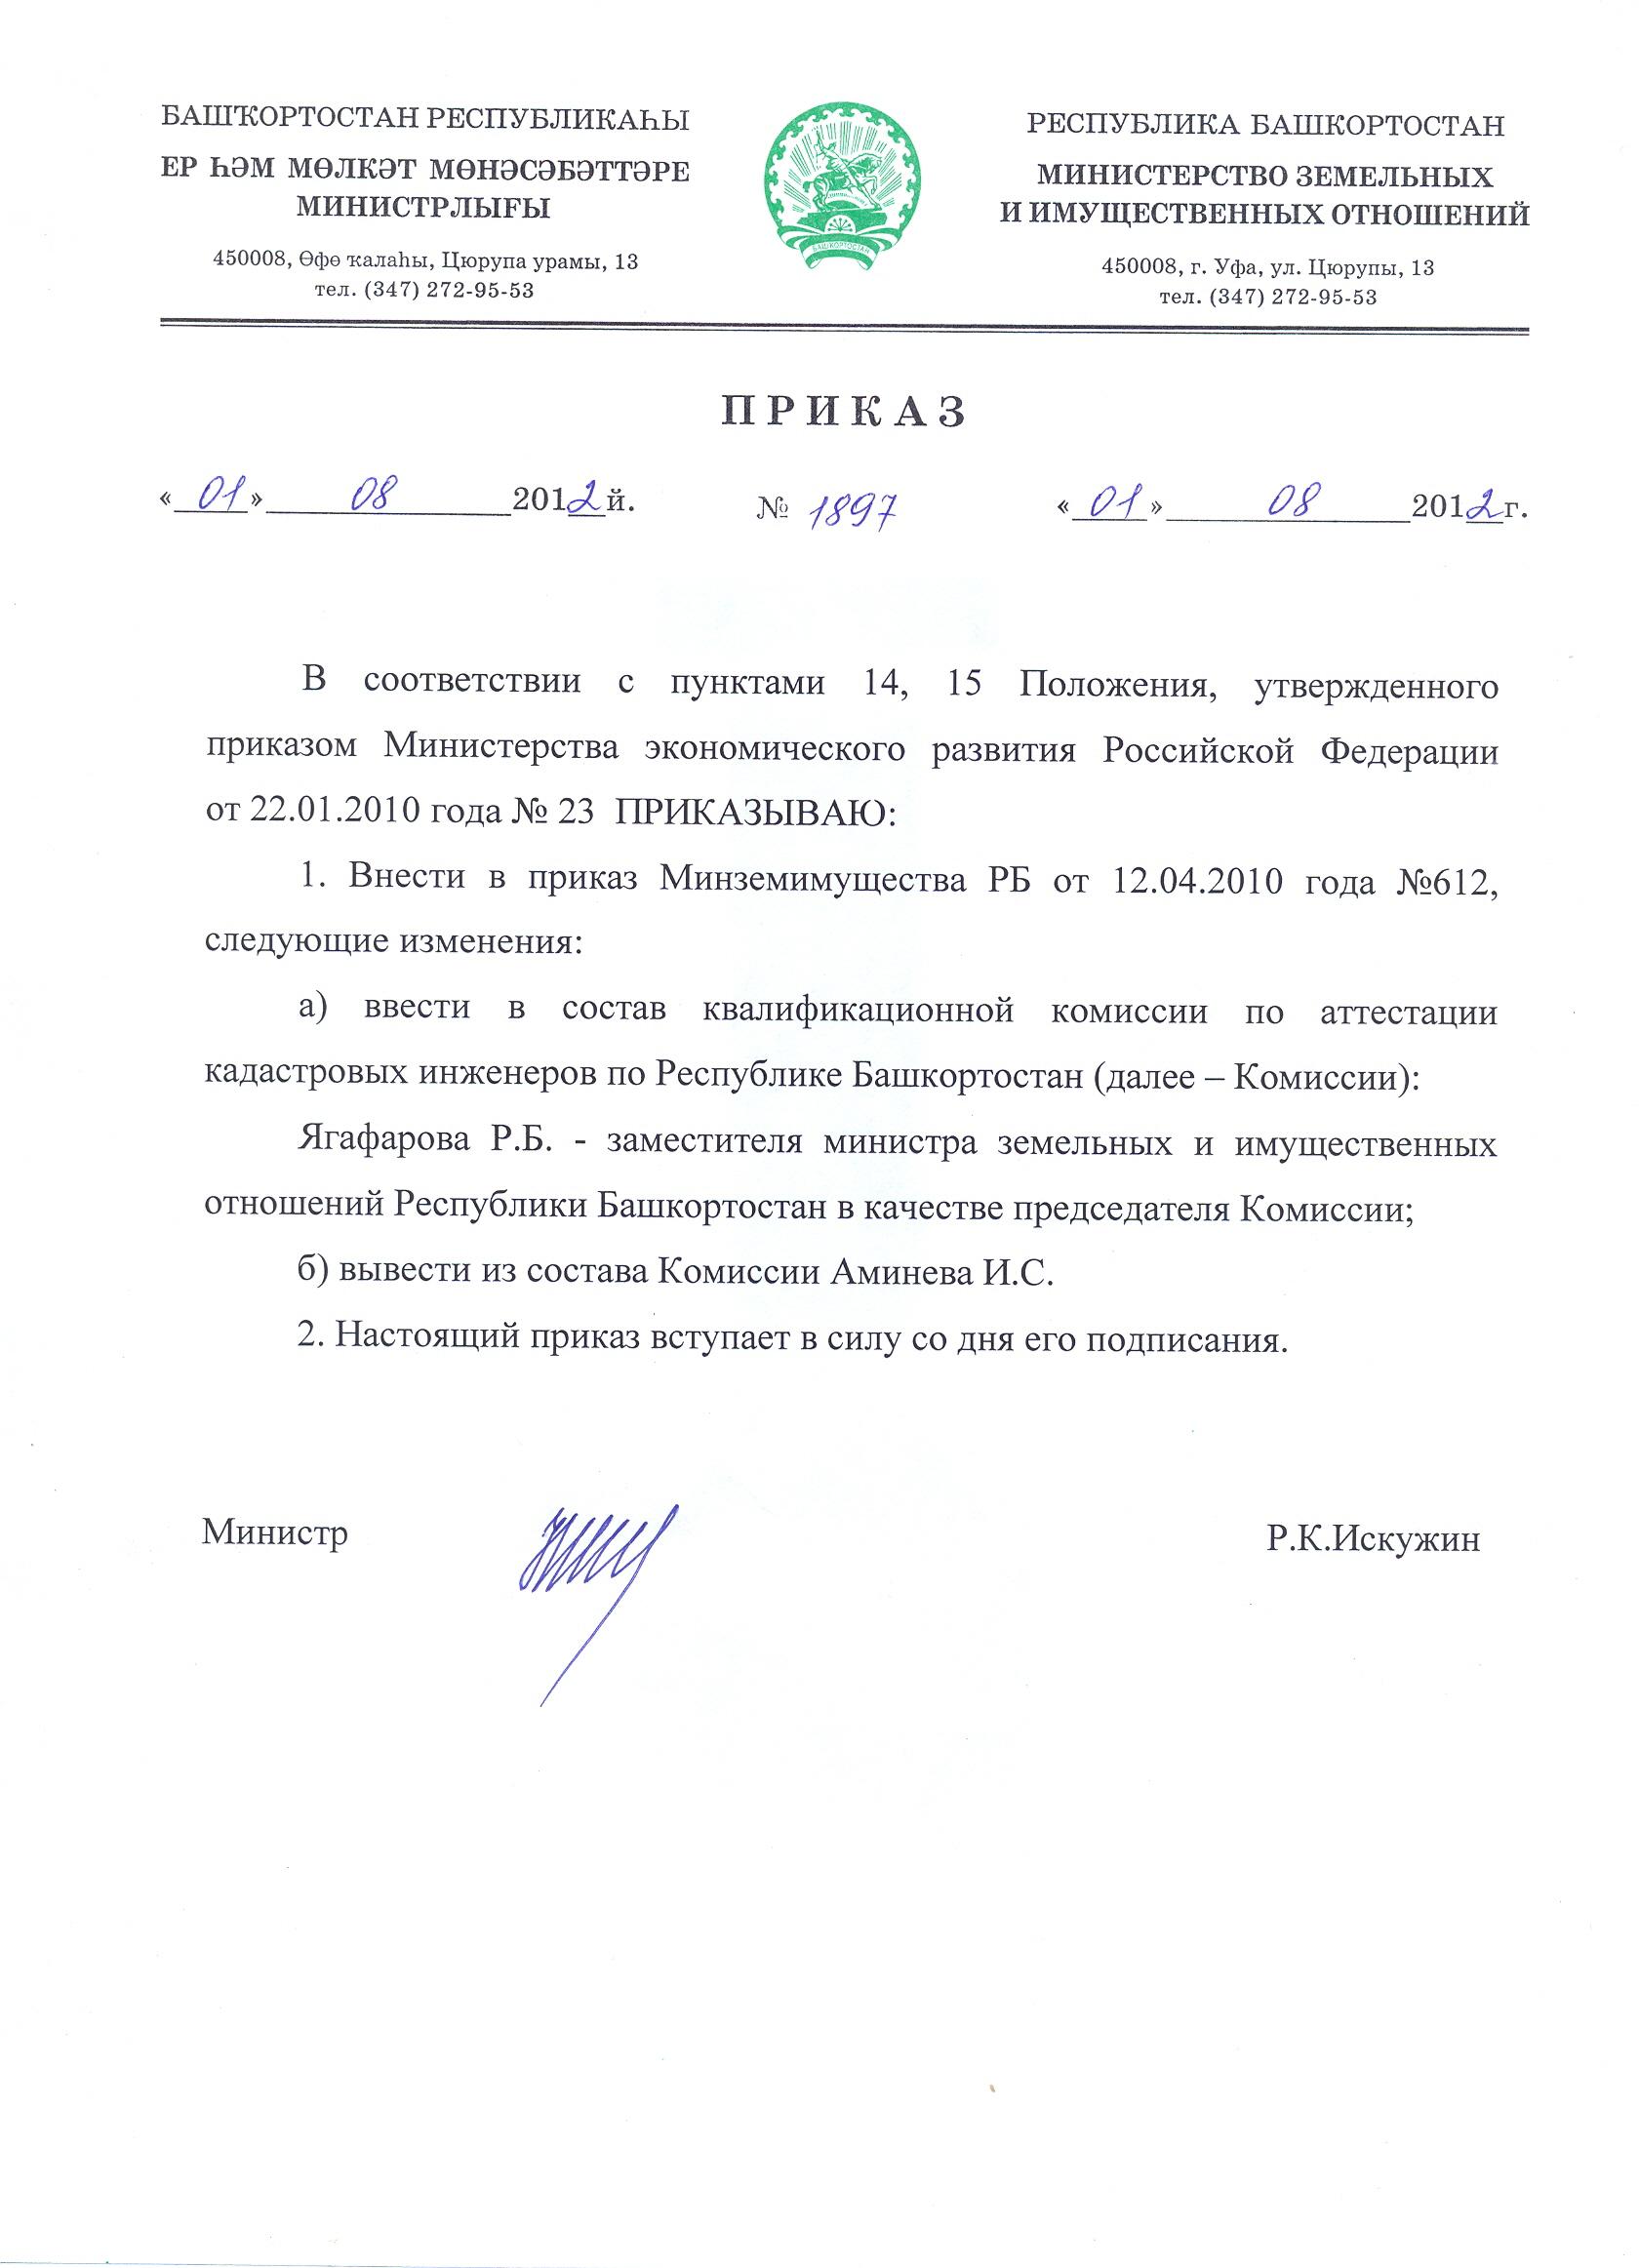 Приказ о внесении изменений в состав комиссии образец супер новинки.